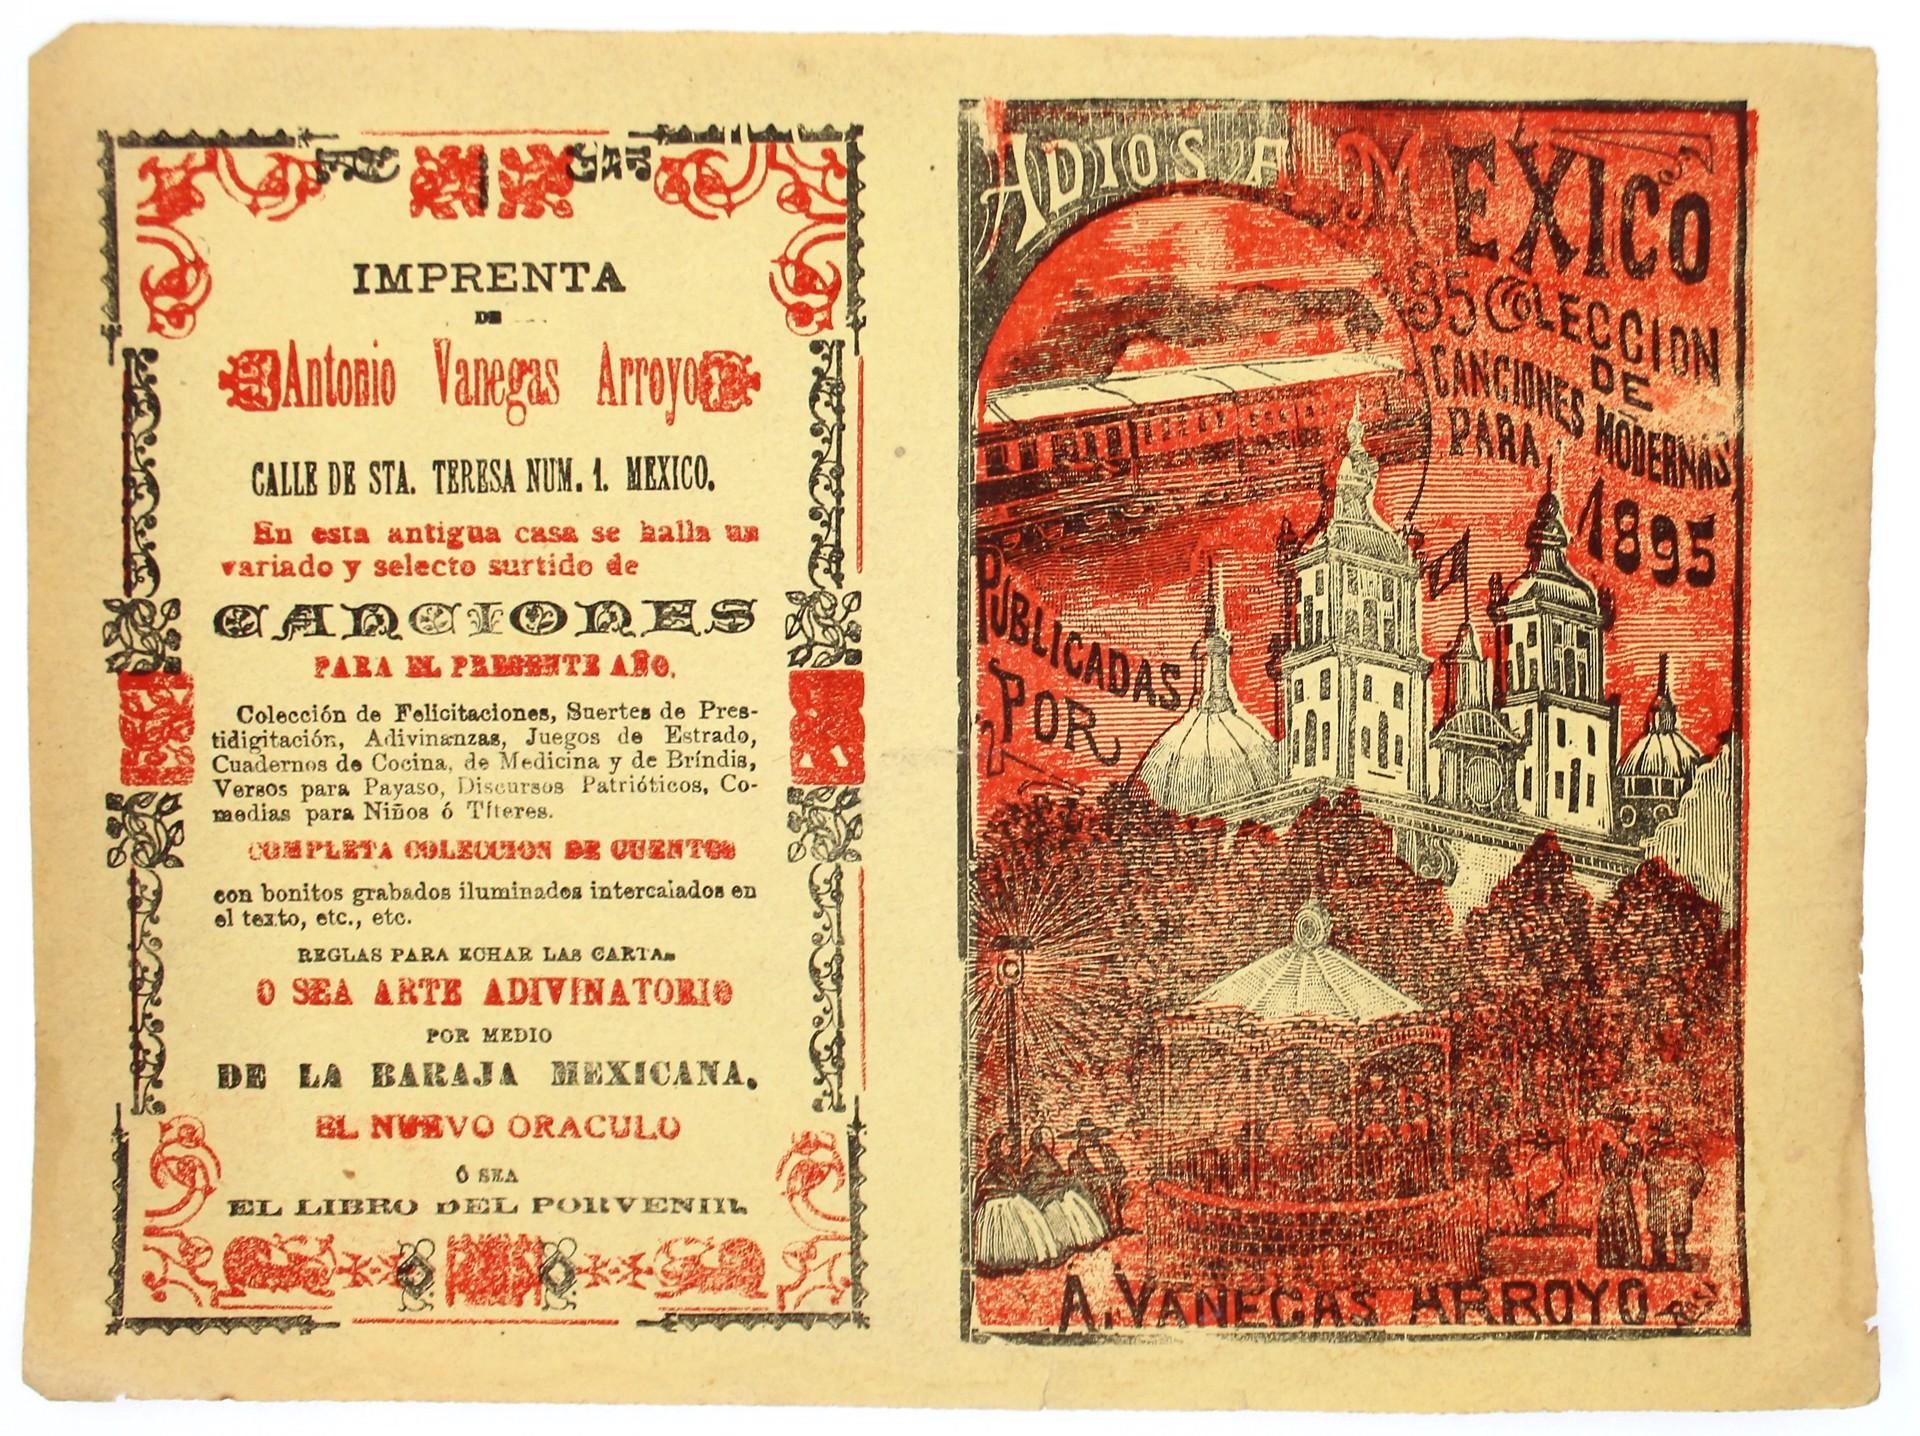 Adios a Mexico. Coleccion de canciones modernas, No. 35 by José Guadalupe Posada (1852 - 1913)